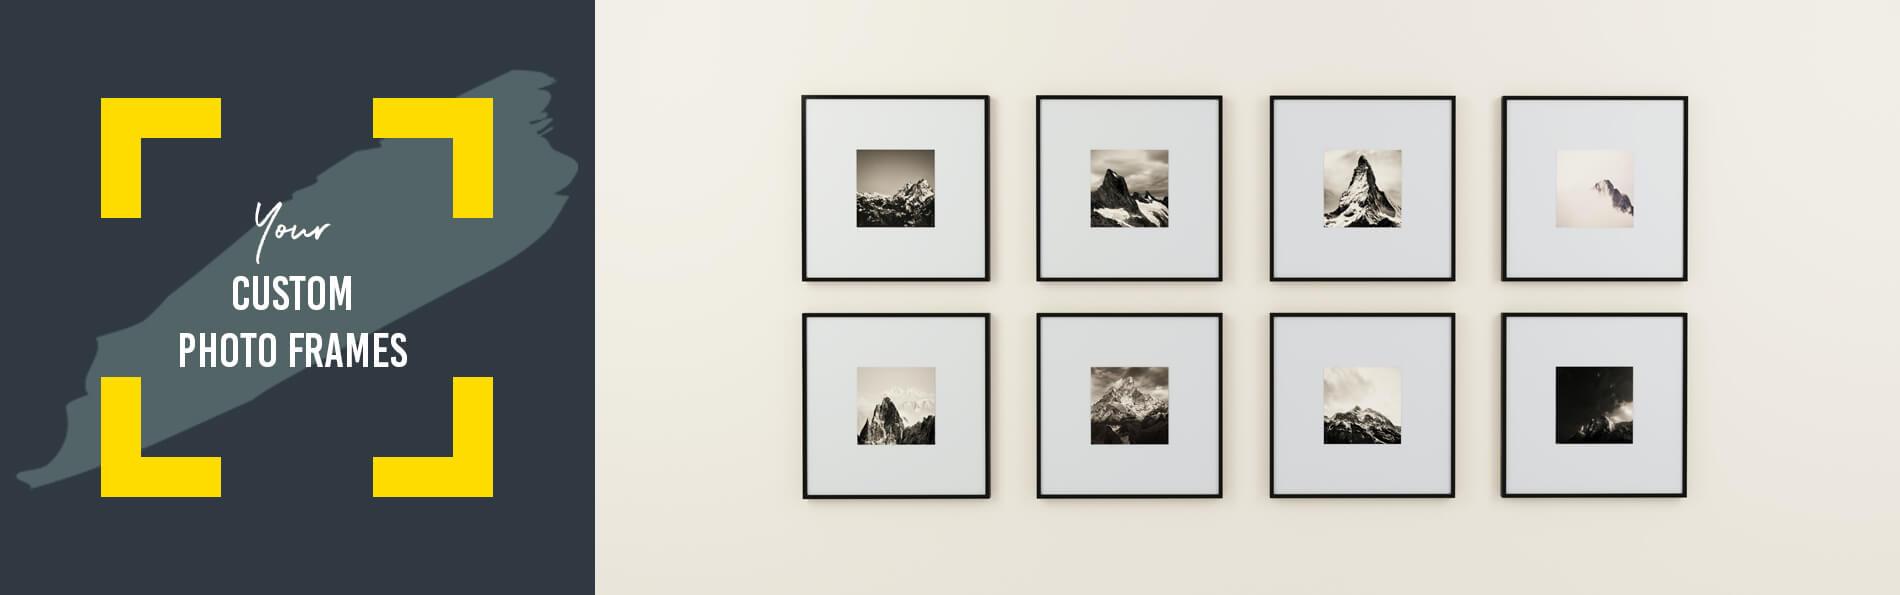 Custom made photo frames